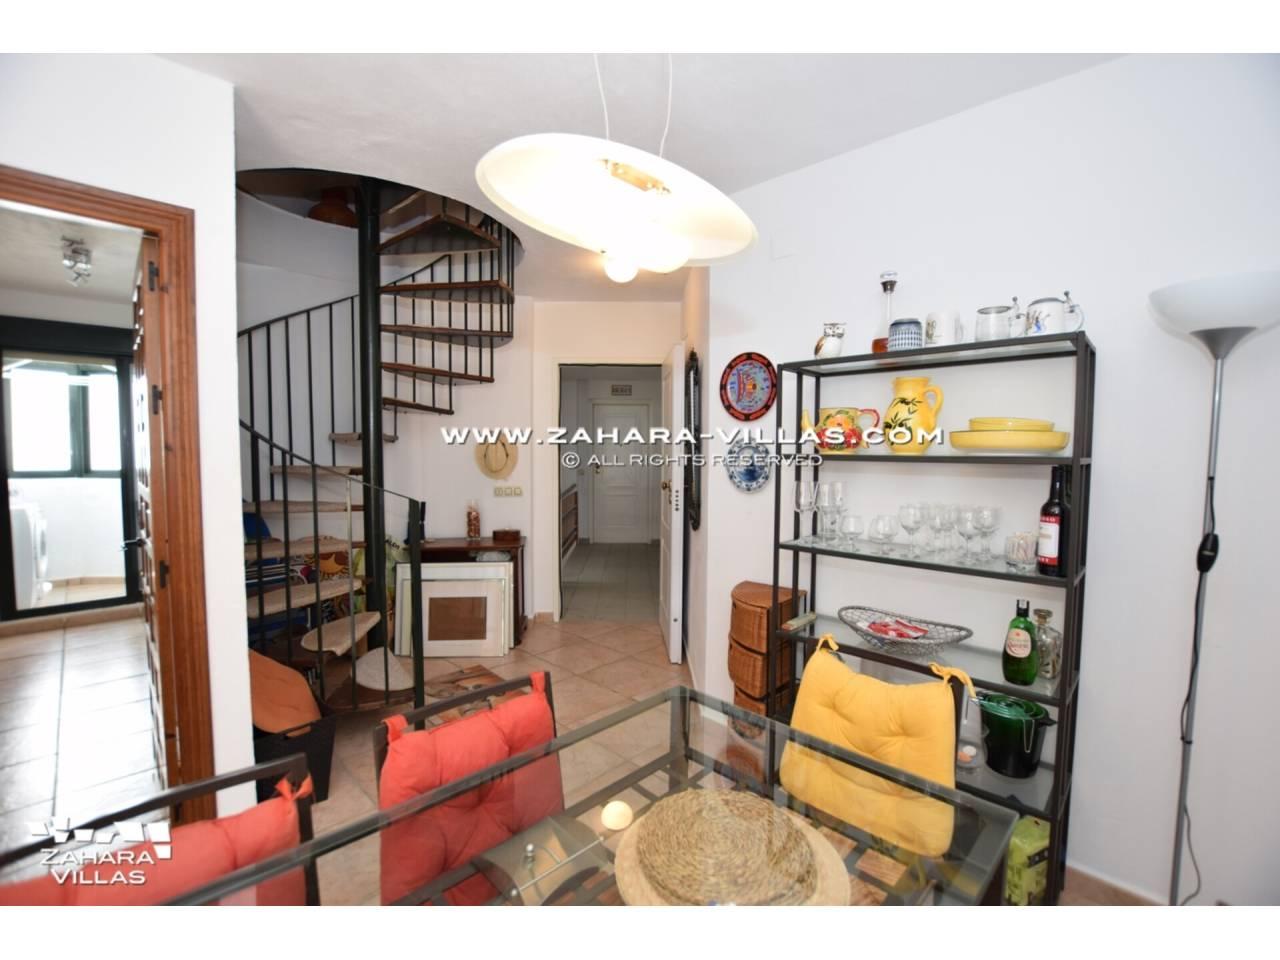 Imagen 6 de Penthouse apartment for sale in Zahara de los Atunes